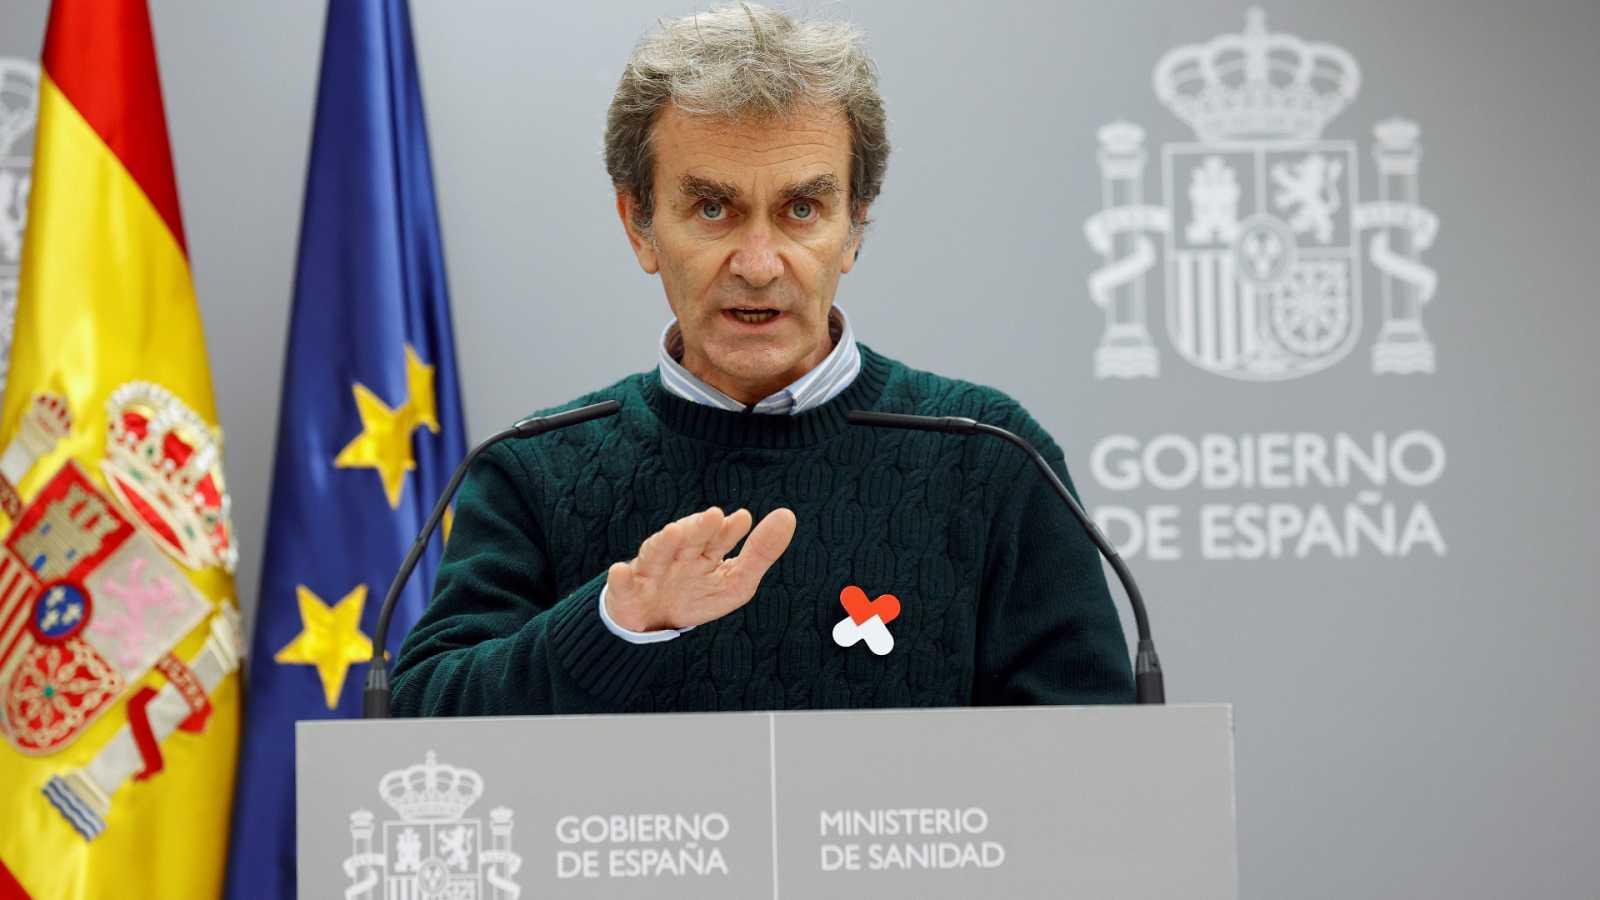 Especial informativo - Coronavirus. Comparecencia de Fernando Simón - 19/11/20 - ver ahora